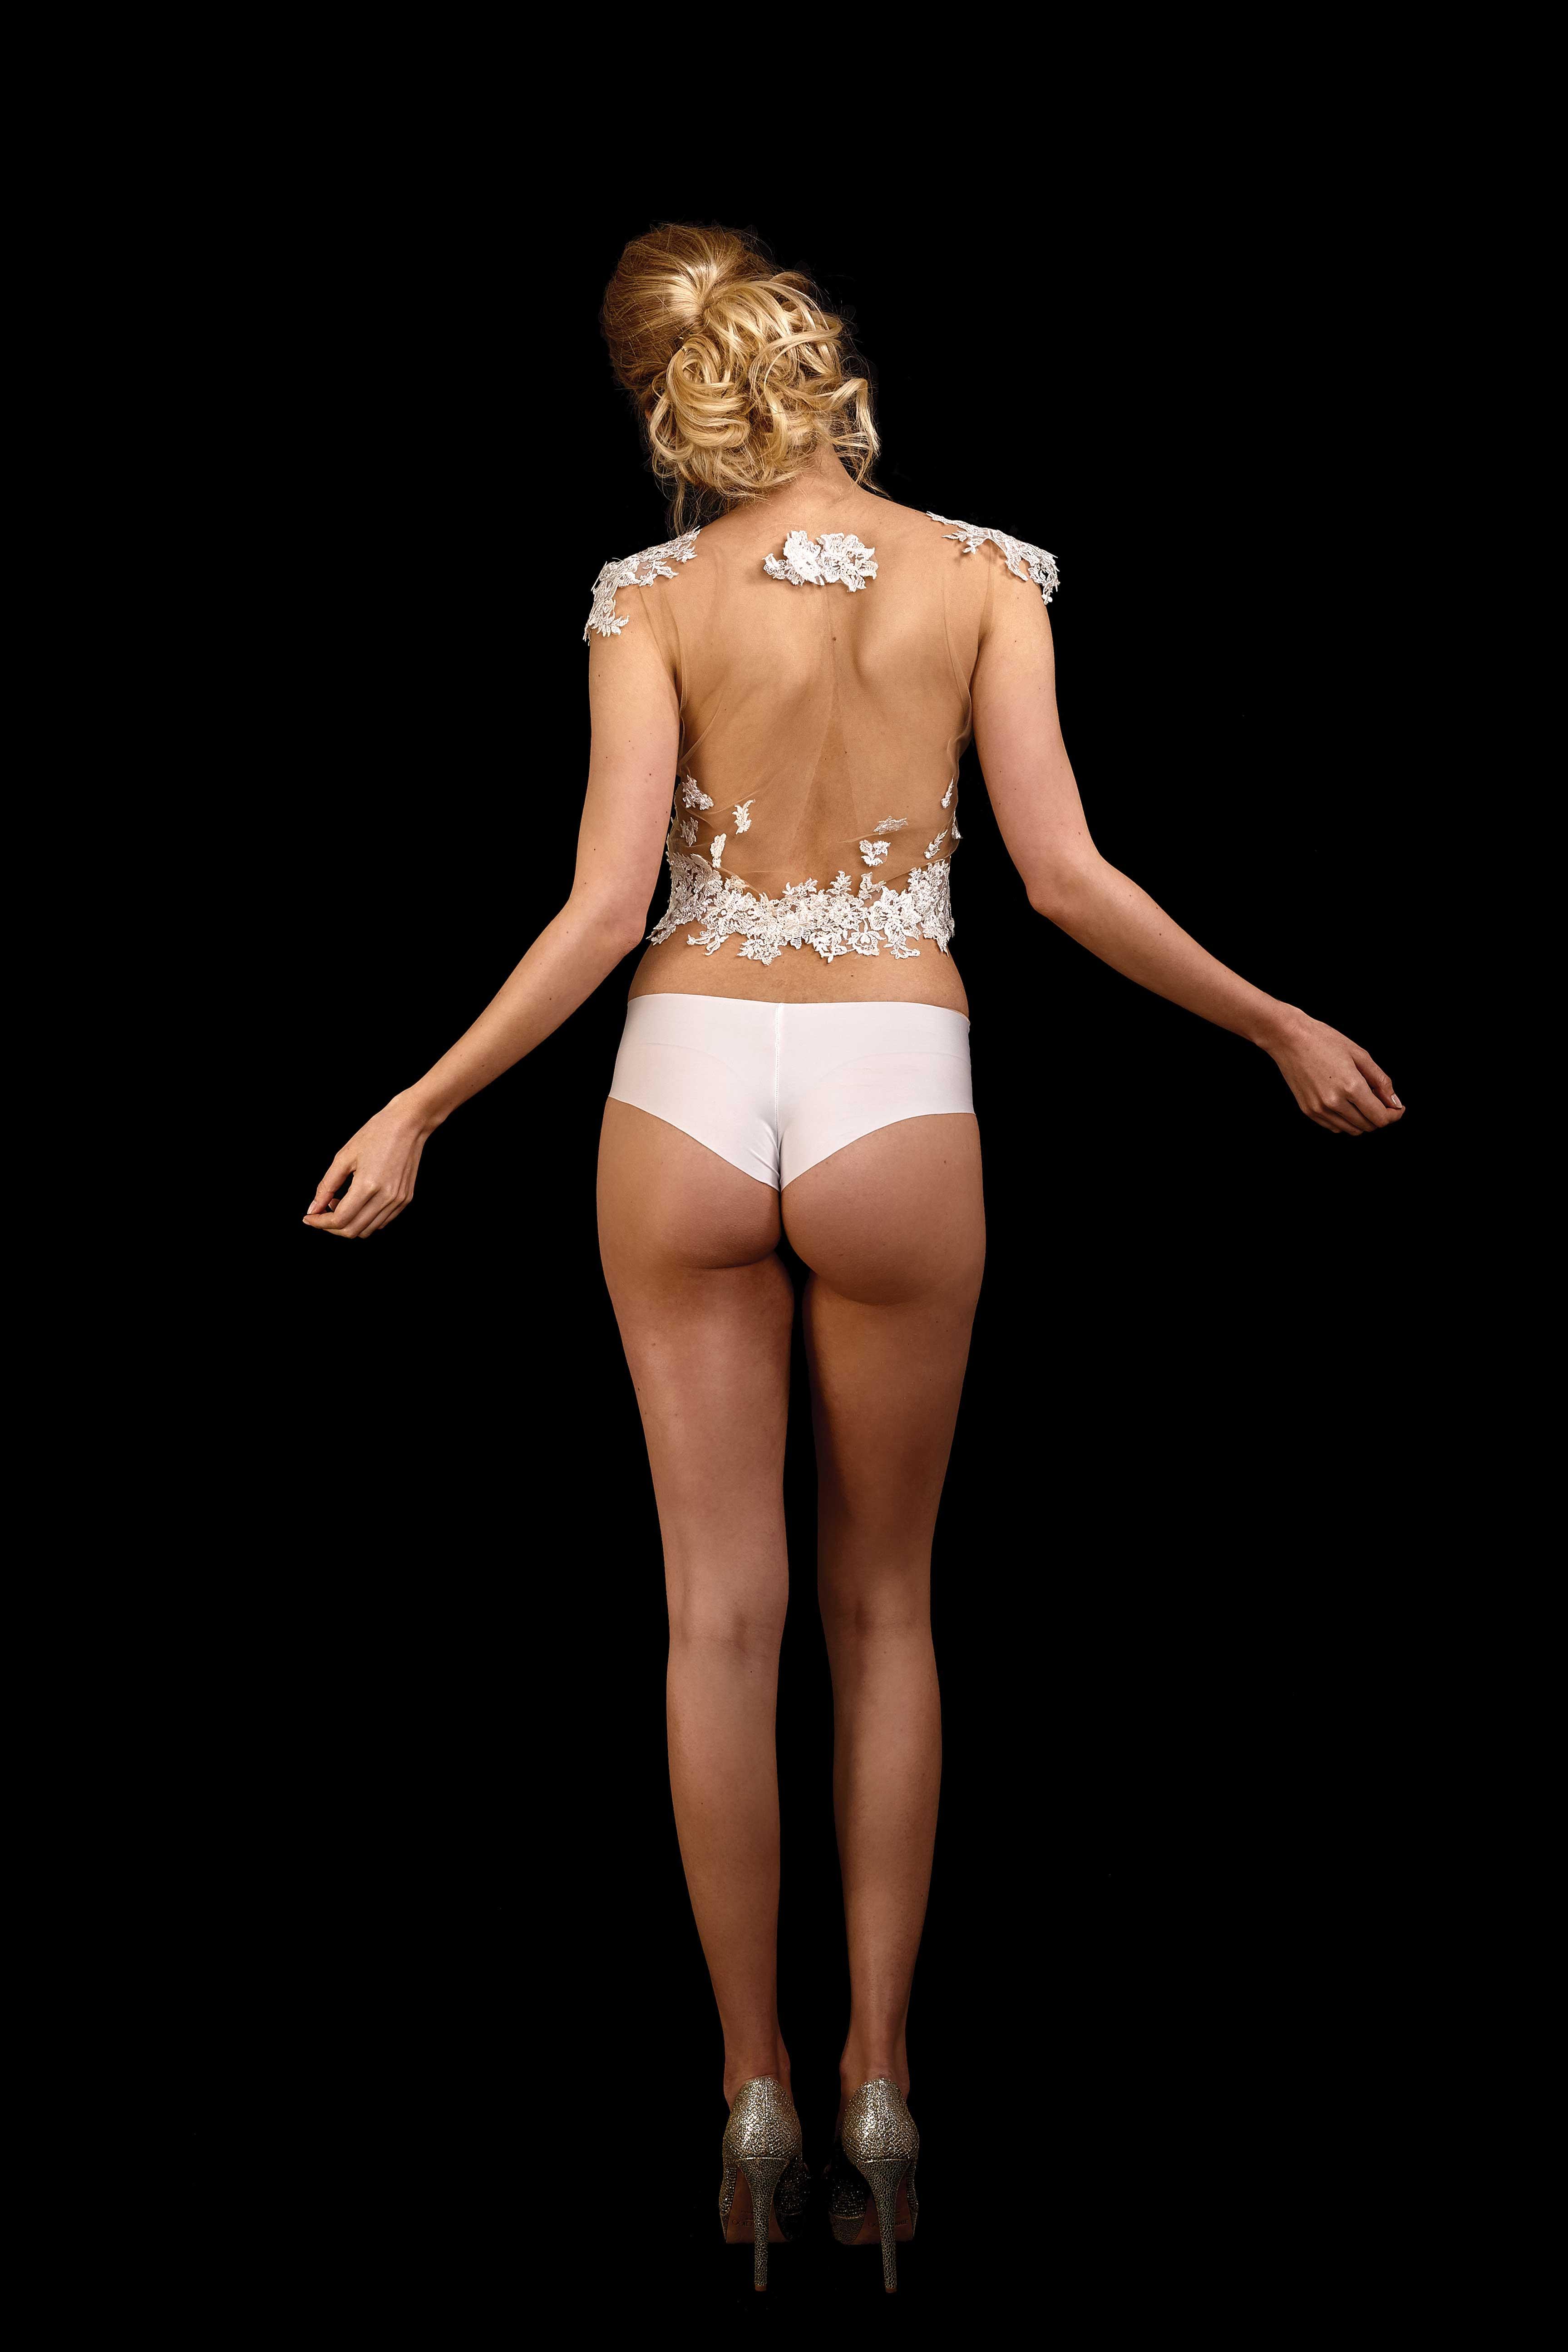 Rückenansicht transparentes Crop Top Milky in ivory aus hautfarbenem Tüll mit Spitze in ivory